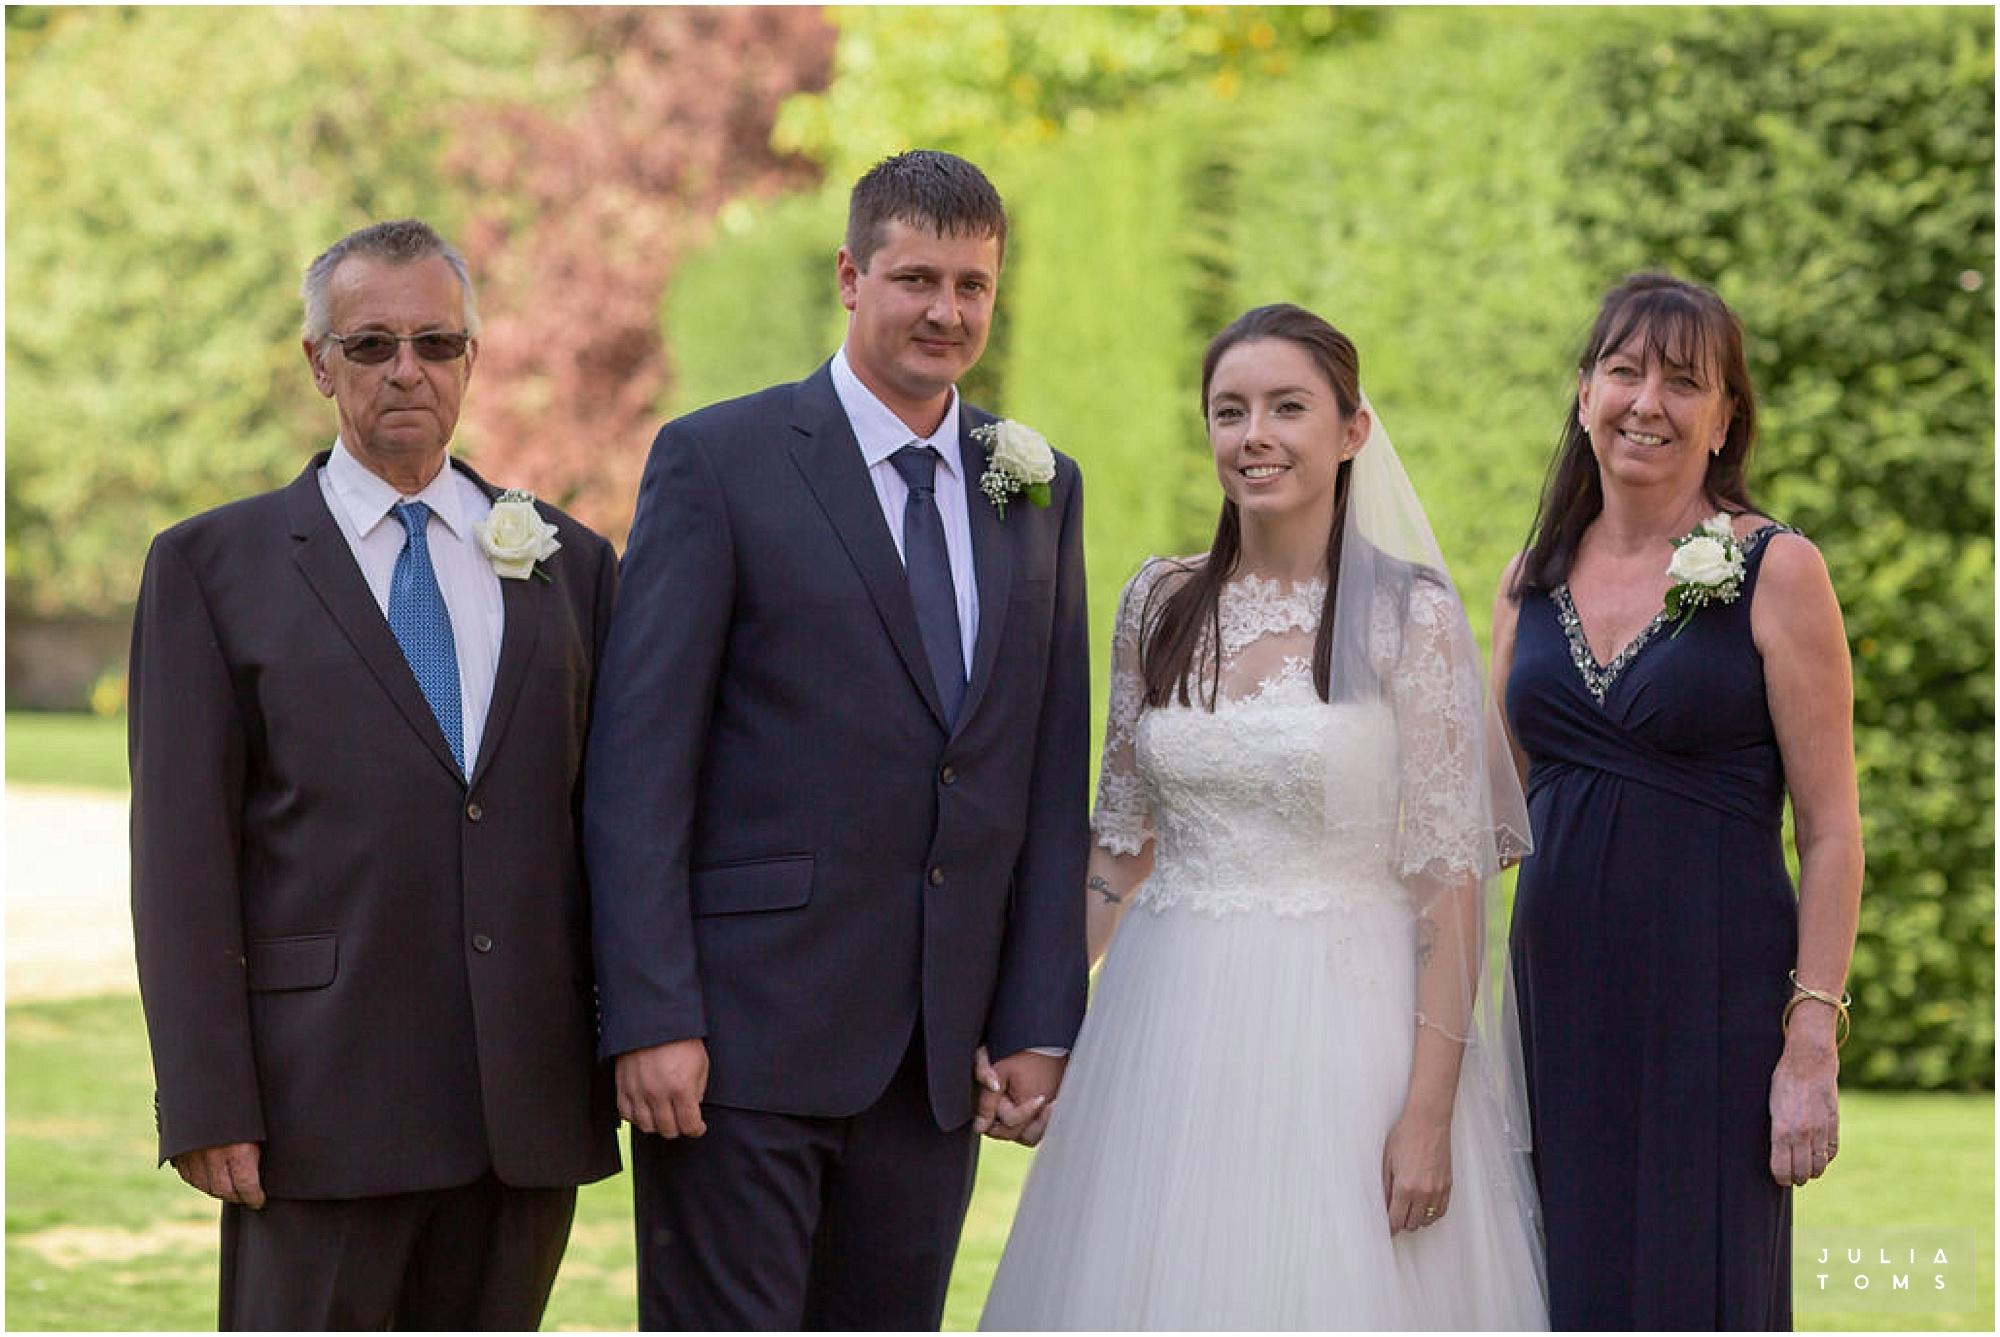 amberley_castle_wedding_photographer_058.jpg